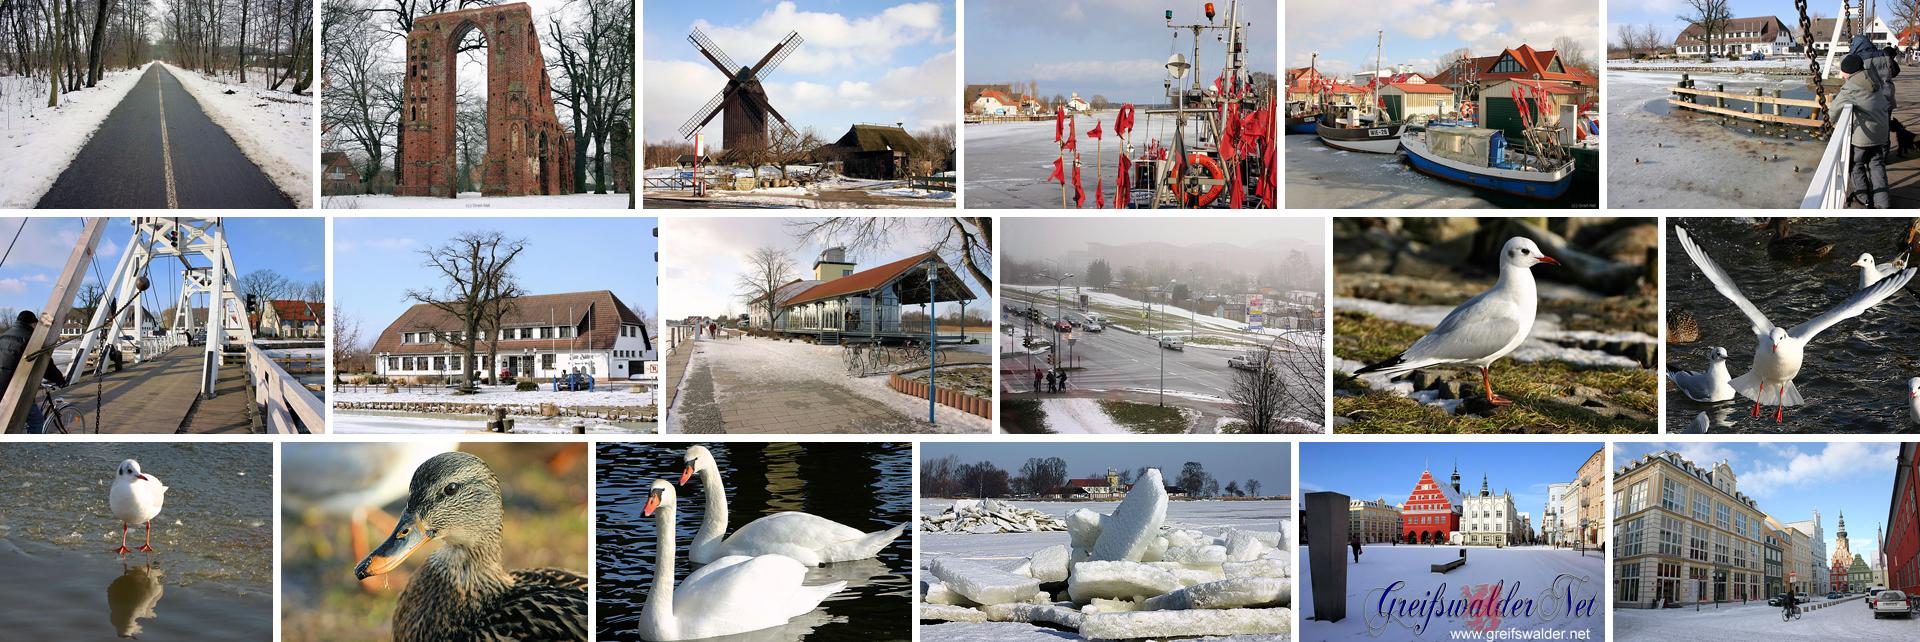 Winter 2006 in Greifswald